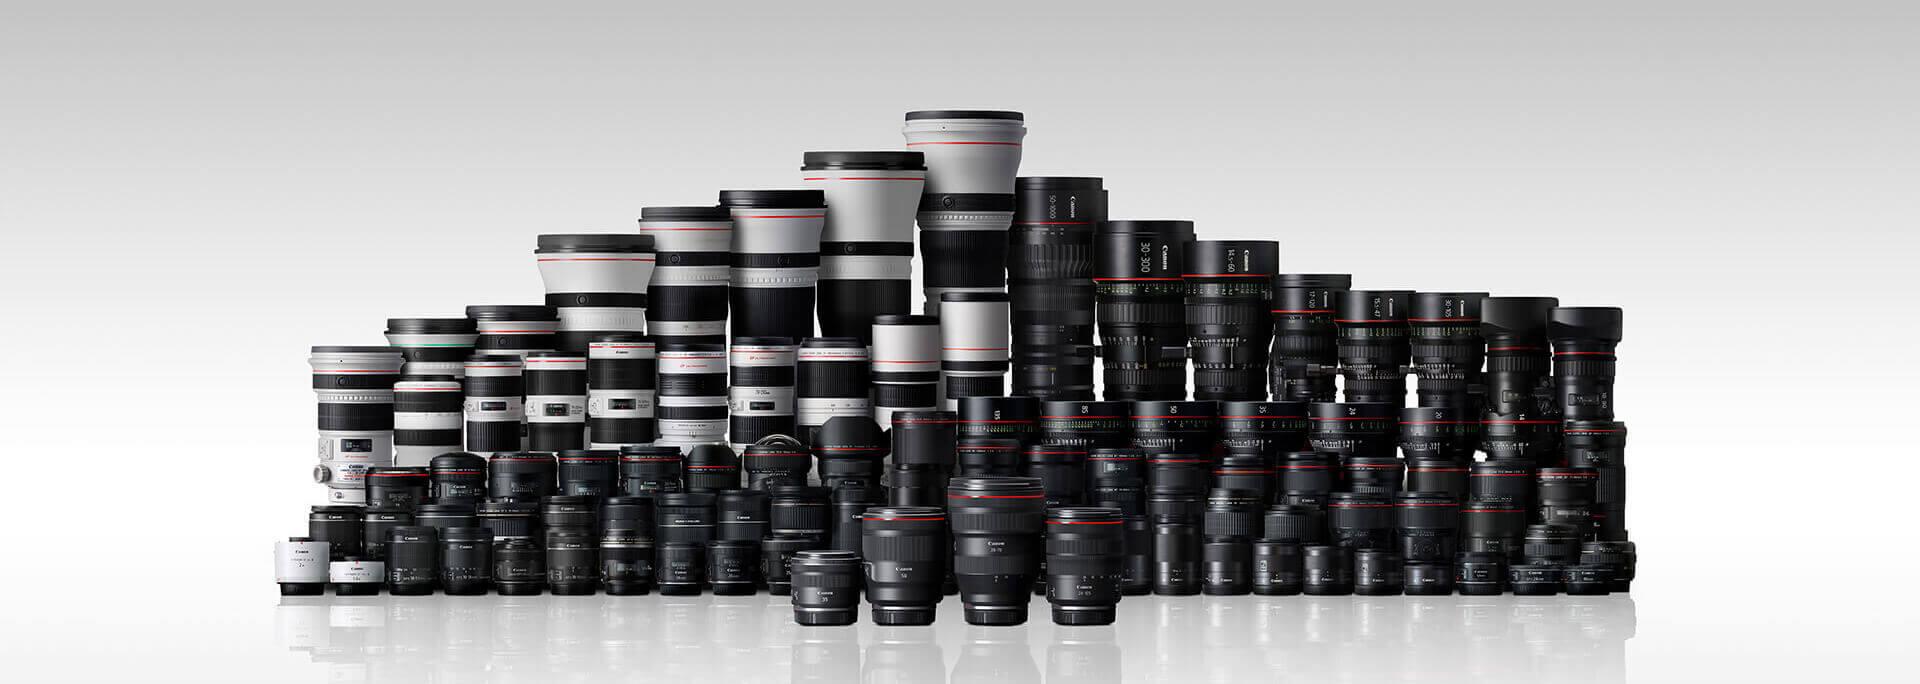 Canon Linsensimulator online - Online Objektive testen